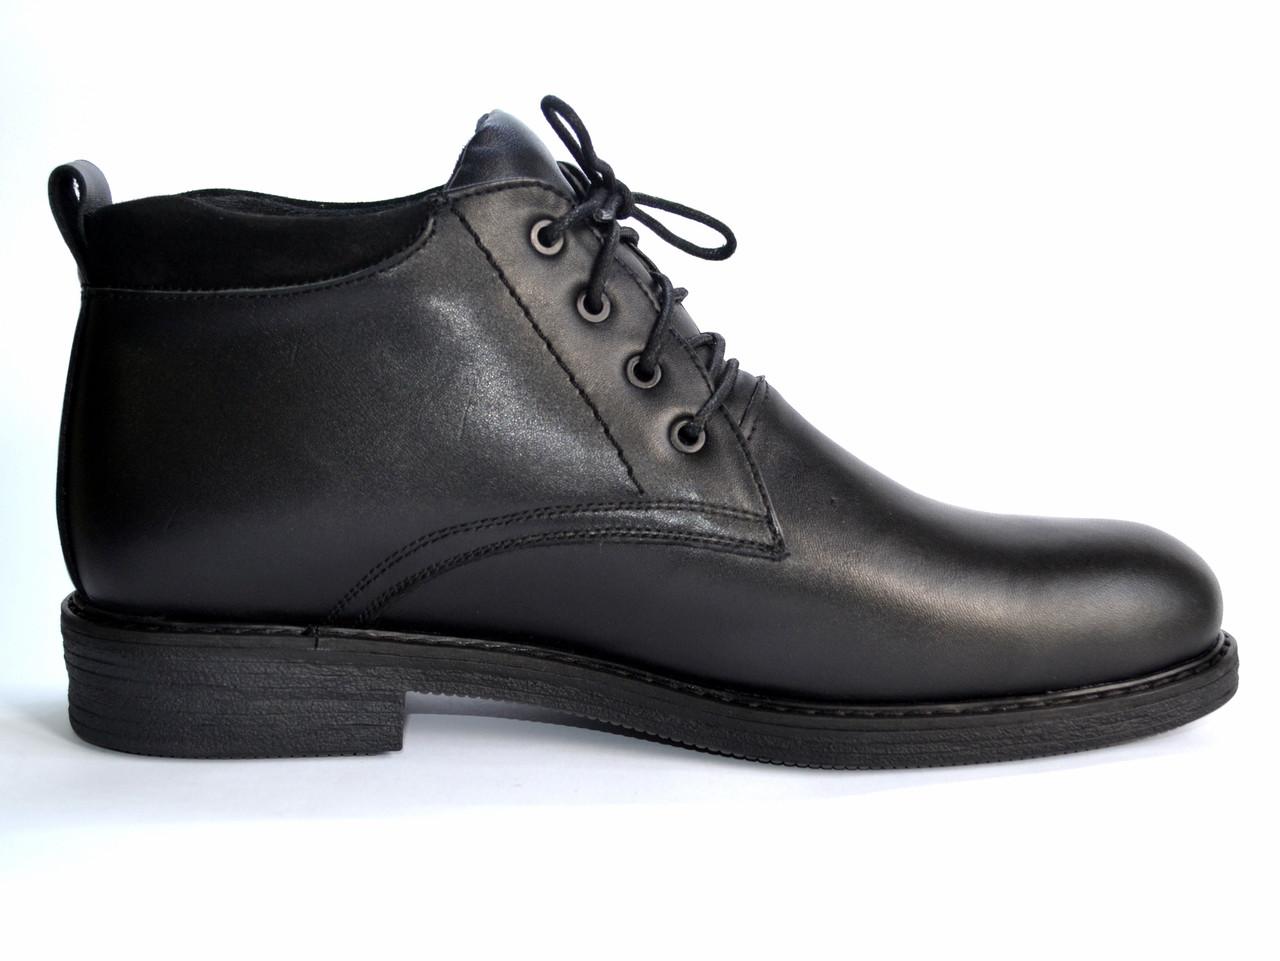 Кожаные зимние мужские ботинки черные Rosso Avangard Bonmarito Grafit Black